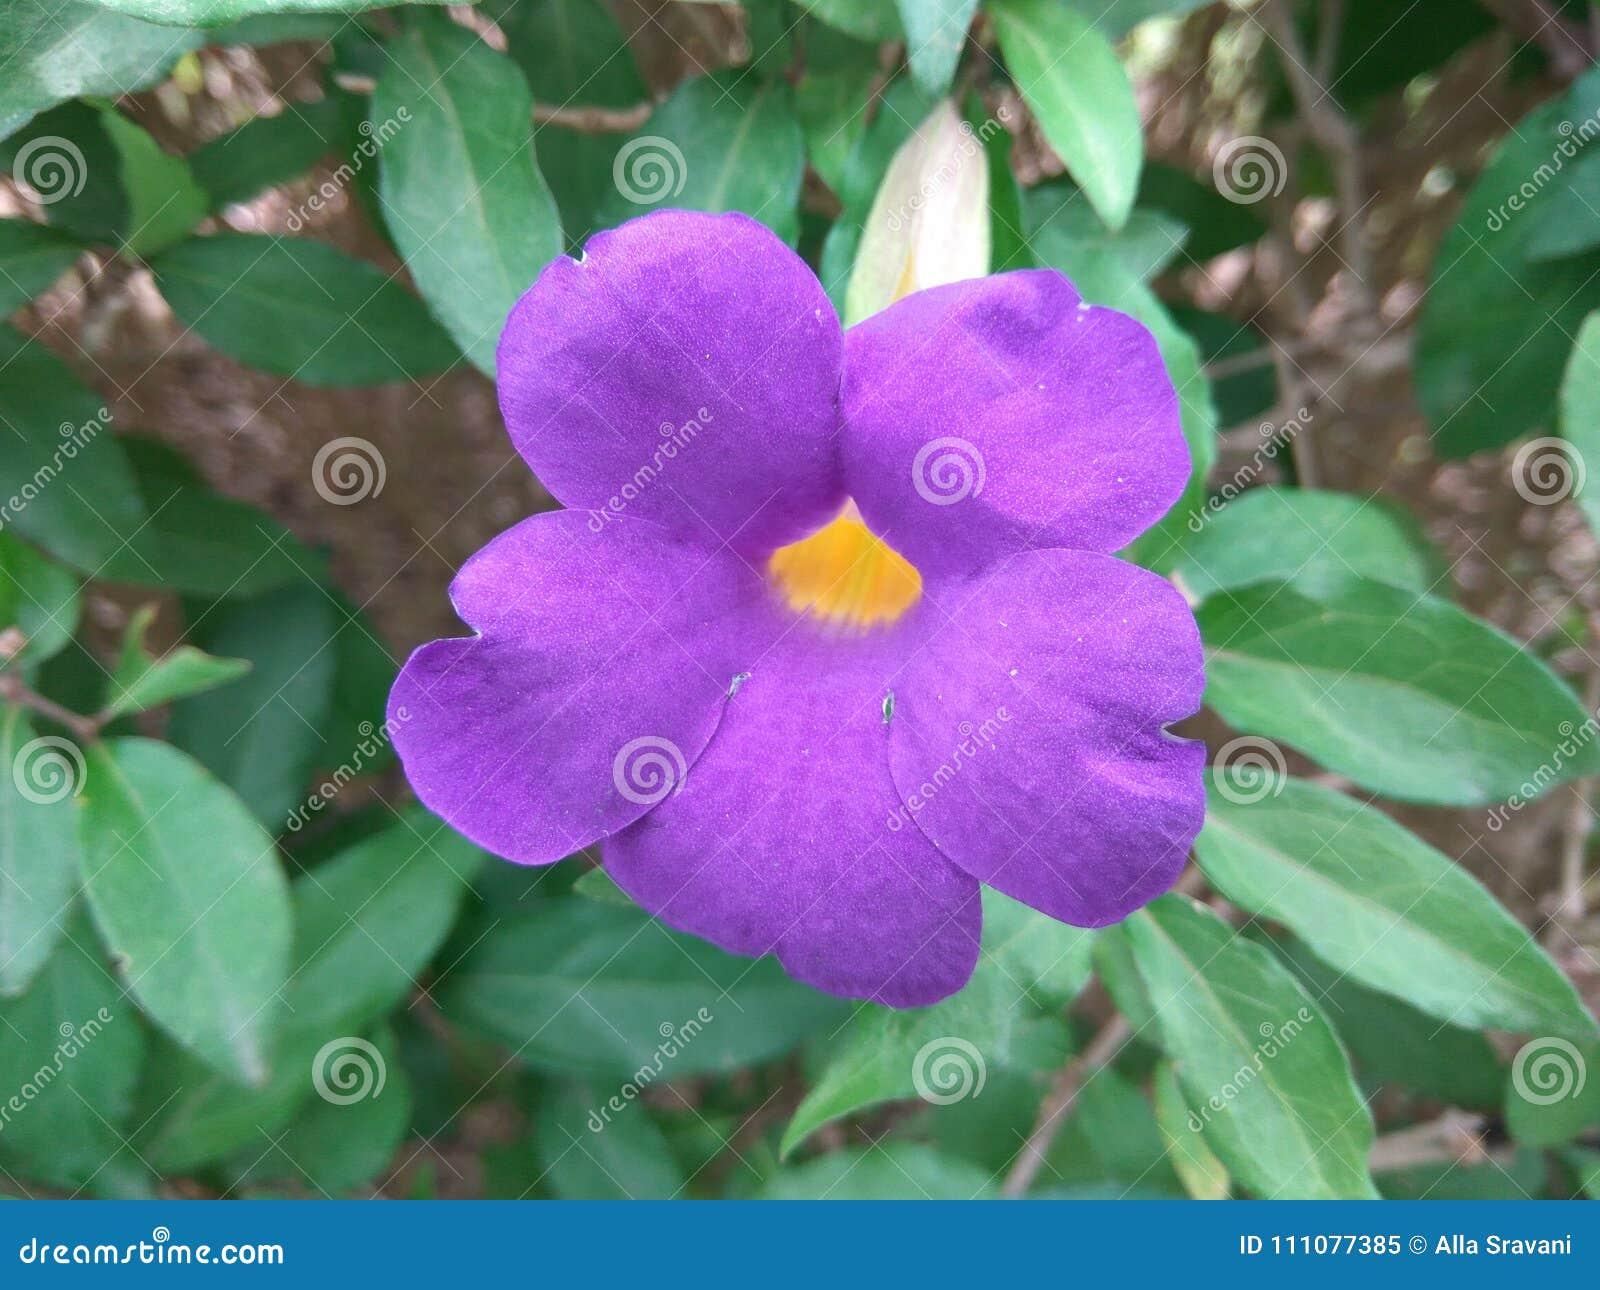 Kings mantle or purple flower stock image image of kings nature kings mantle or purple flower mightylinksfo